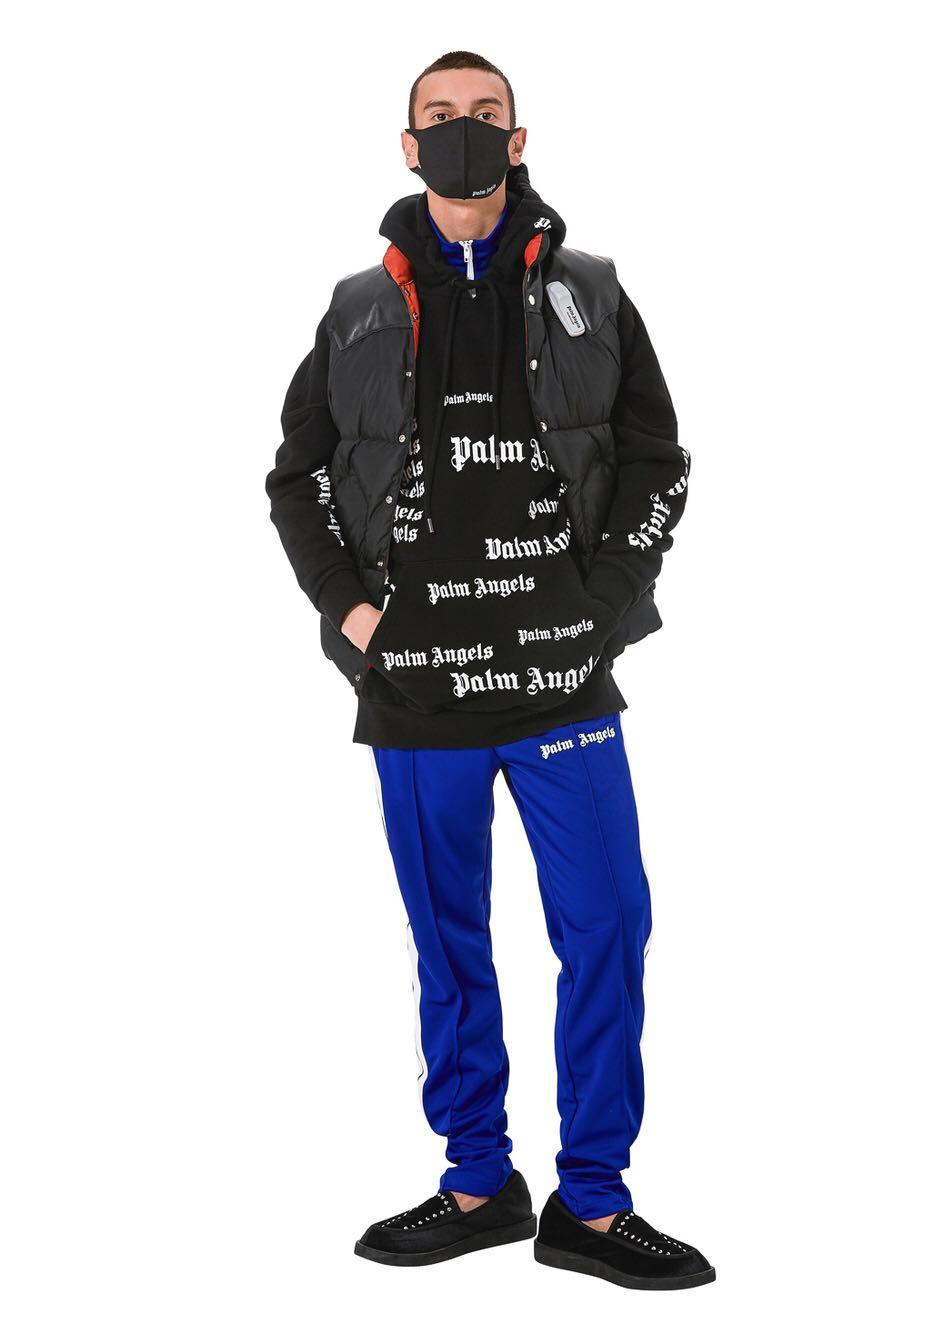 Großhandel Palm Angels Hoodie Herren Hip Hop Kleidung Schwarzer Druck Mit Kapuze Fleece Hoodie Sweatshirt Winter Mit Kapuze Mantel SHH1212 Von